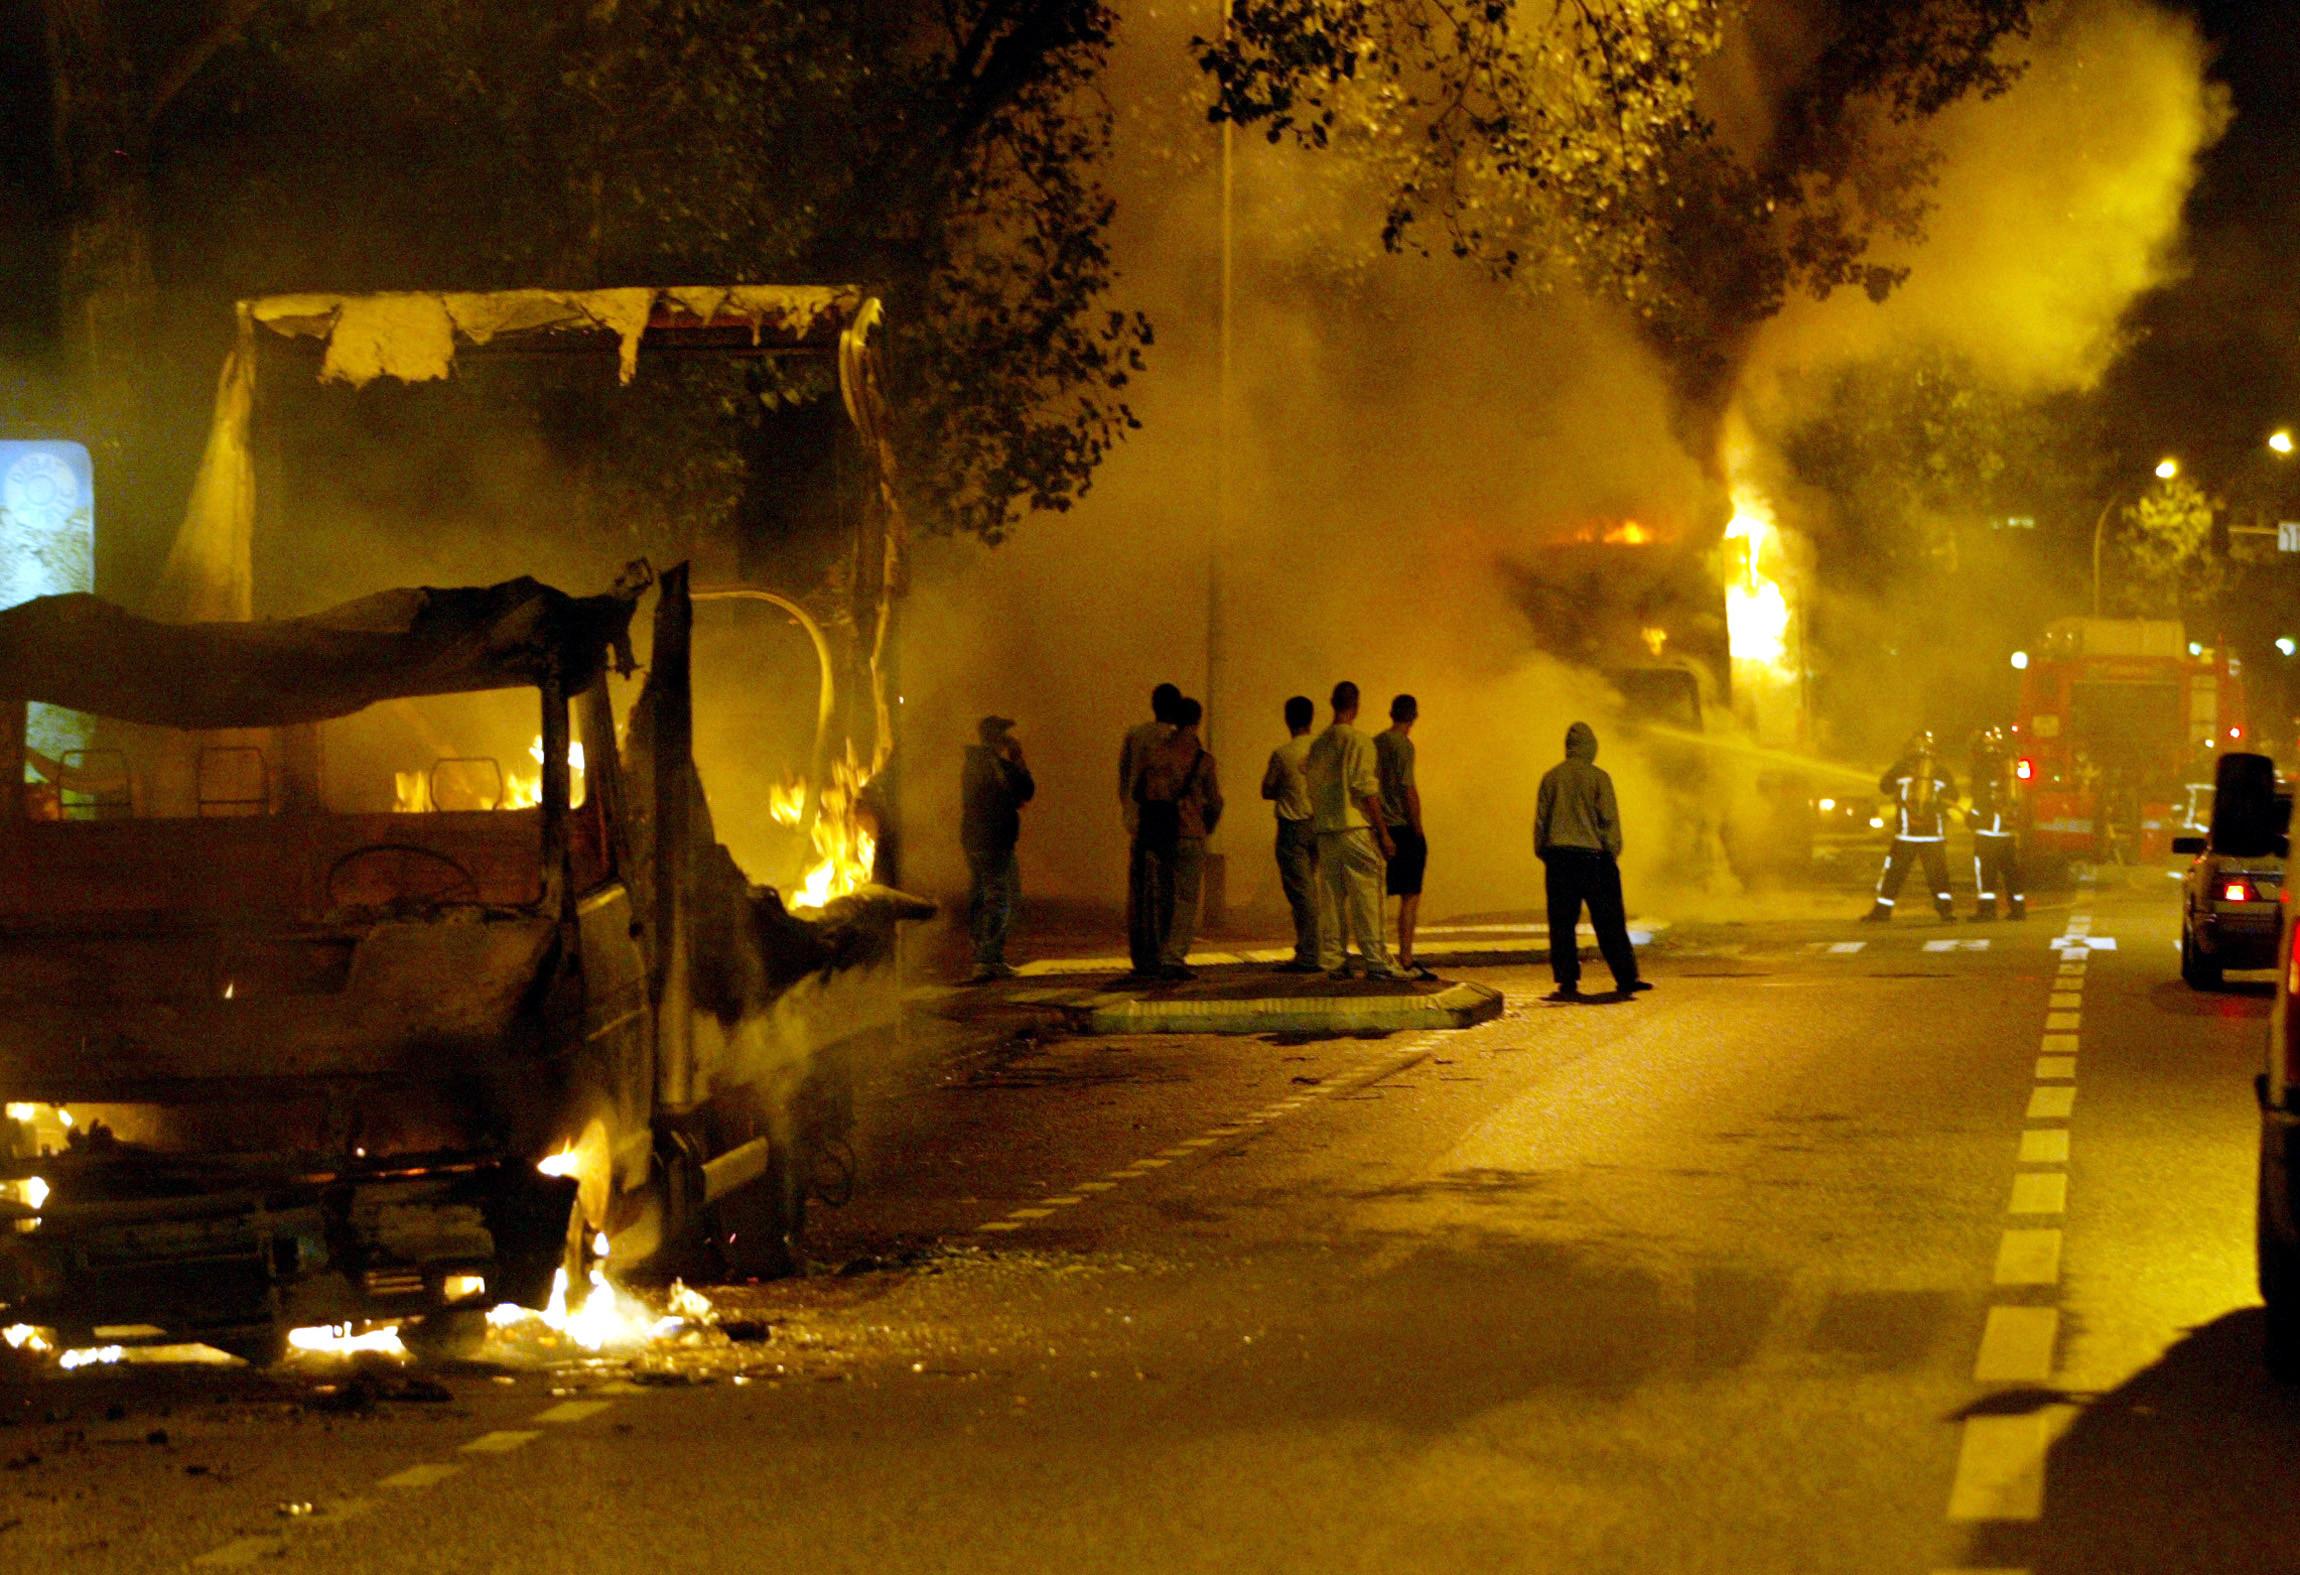 De voorstad Aulnay sur Bois in november 2005, tijdens de zevende nacht van de rellen in de banlieues in 2005. – © Reuters / Victor Tonelli